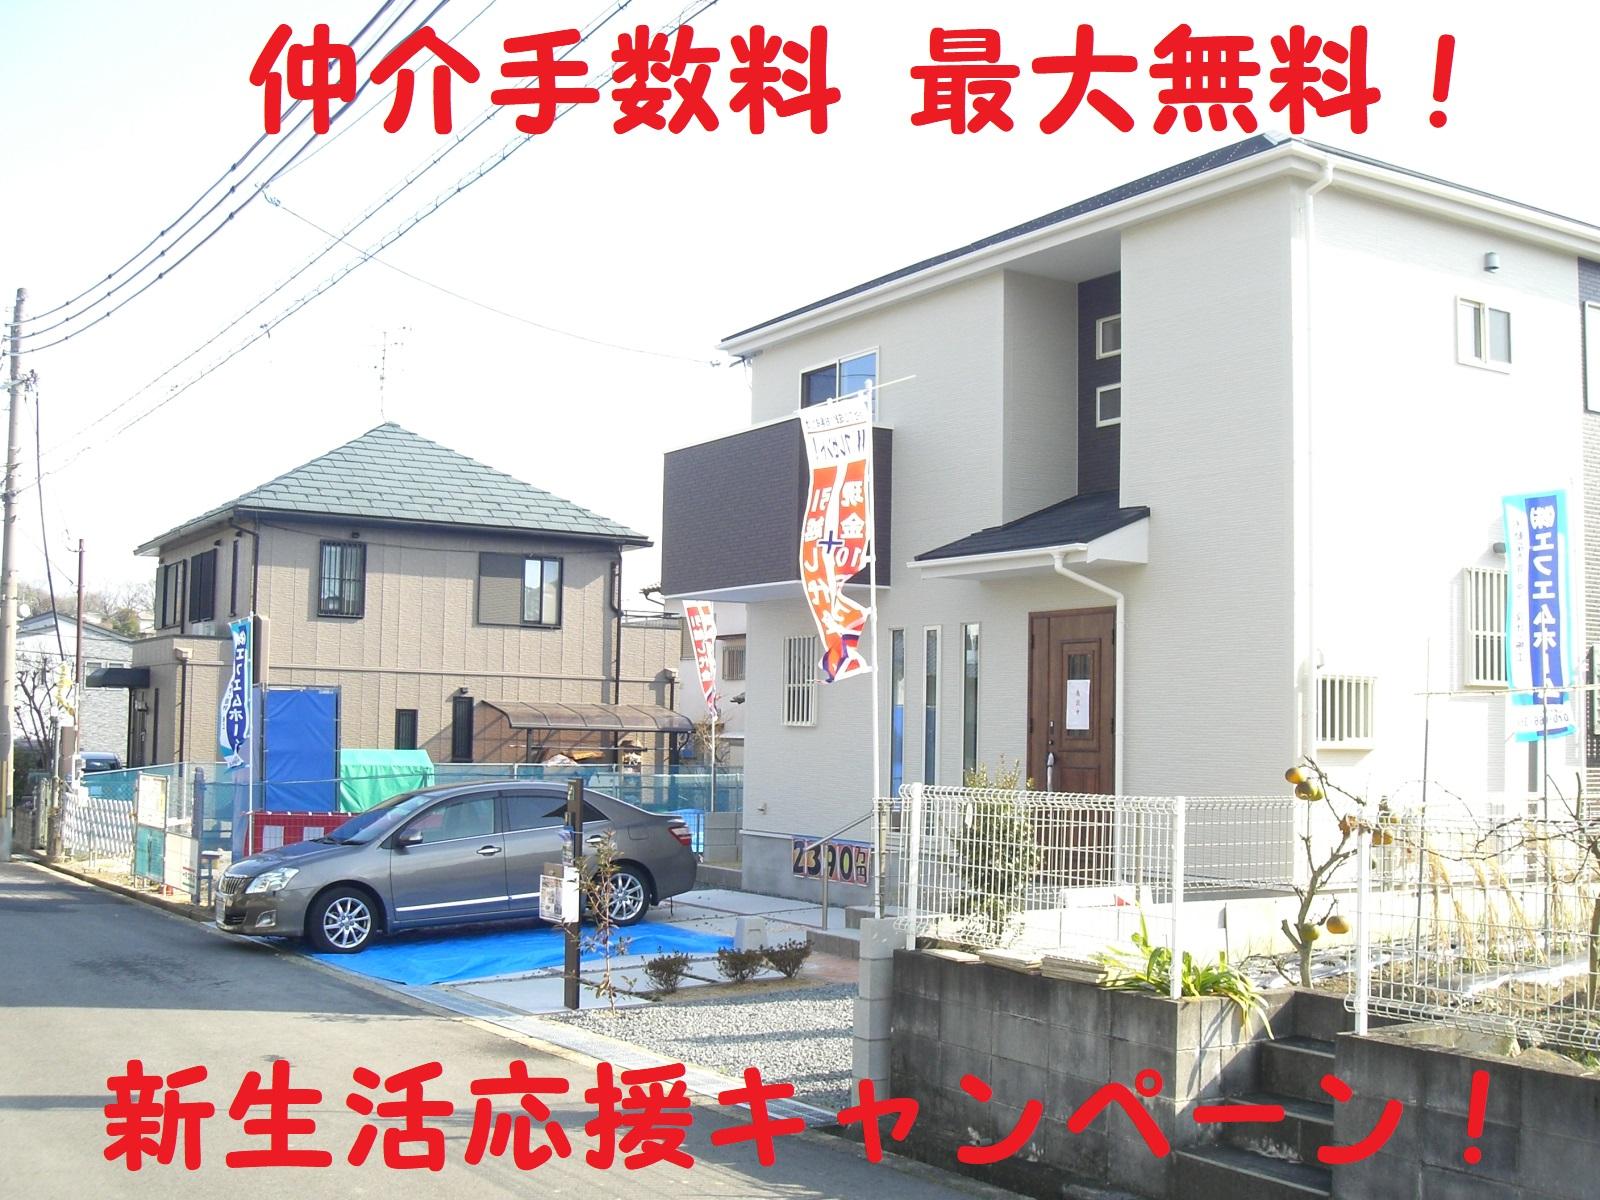 奈良県 新築一戸建て 三郷町 ご購入で、仲介手数料 最大無料です。